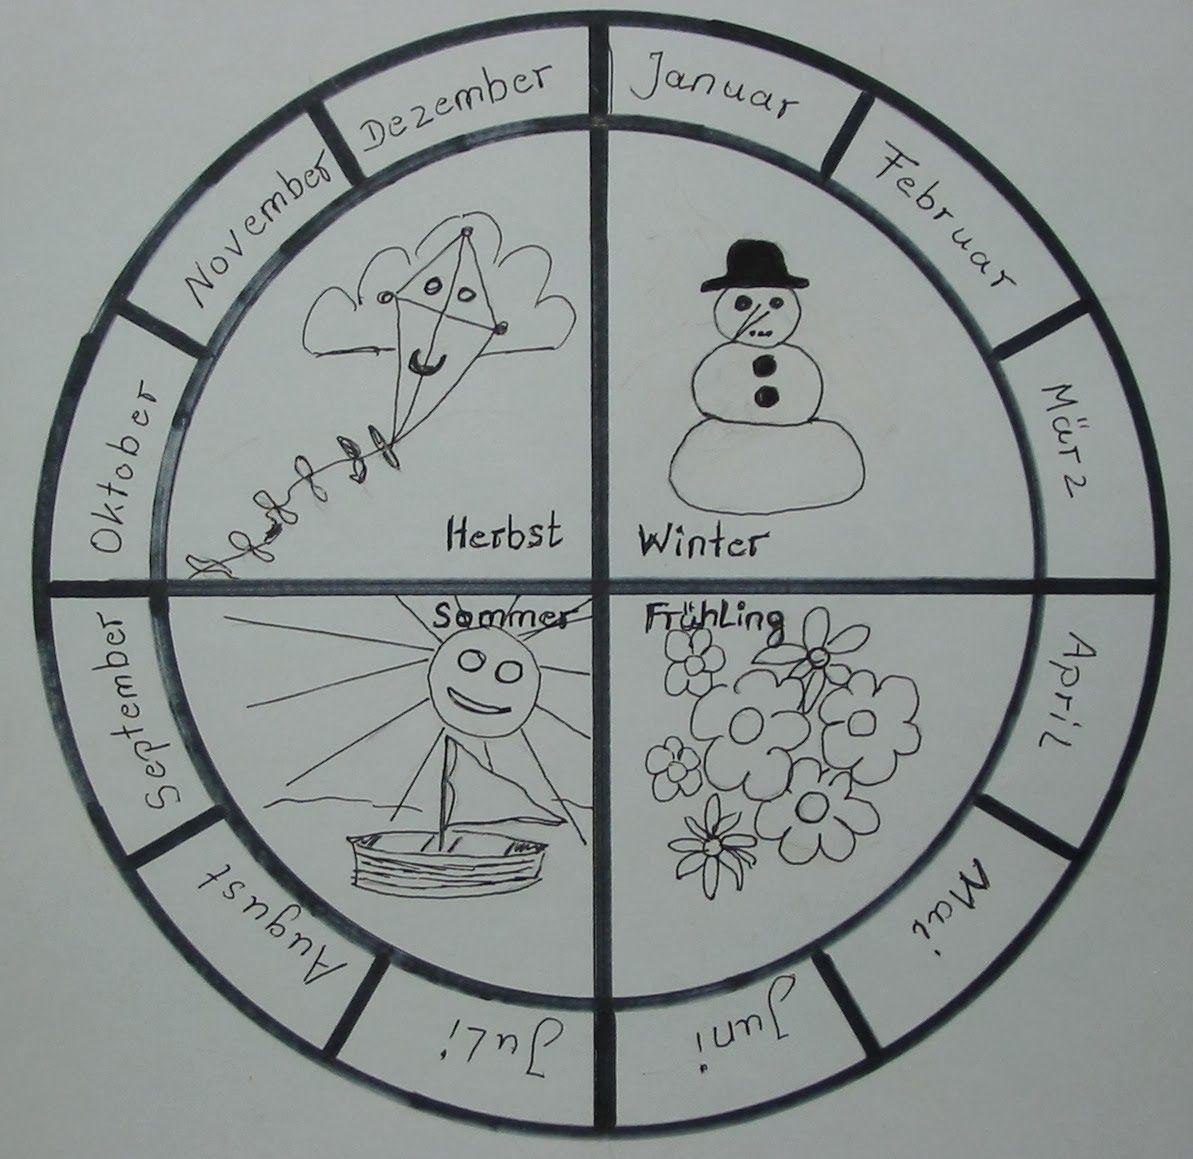 Jahreszeiten Uhr Basteln (Mit Bildern) | Jahreszeiten bei Jahreszeitenuhr Basteln